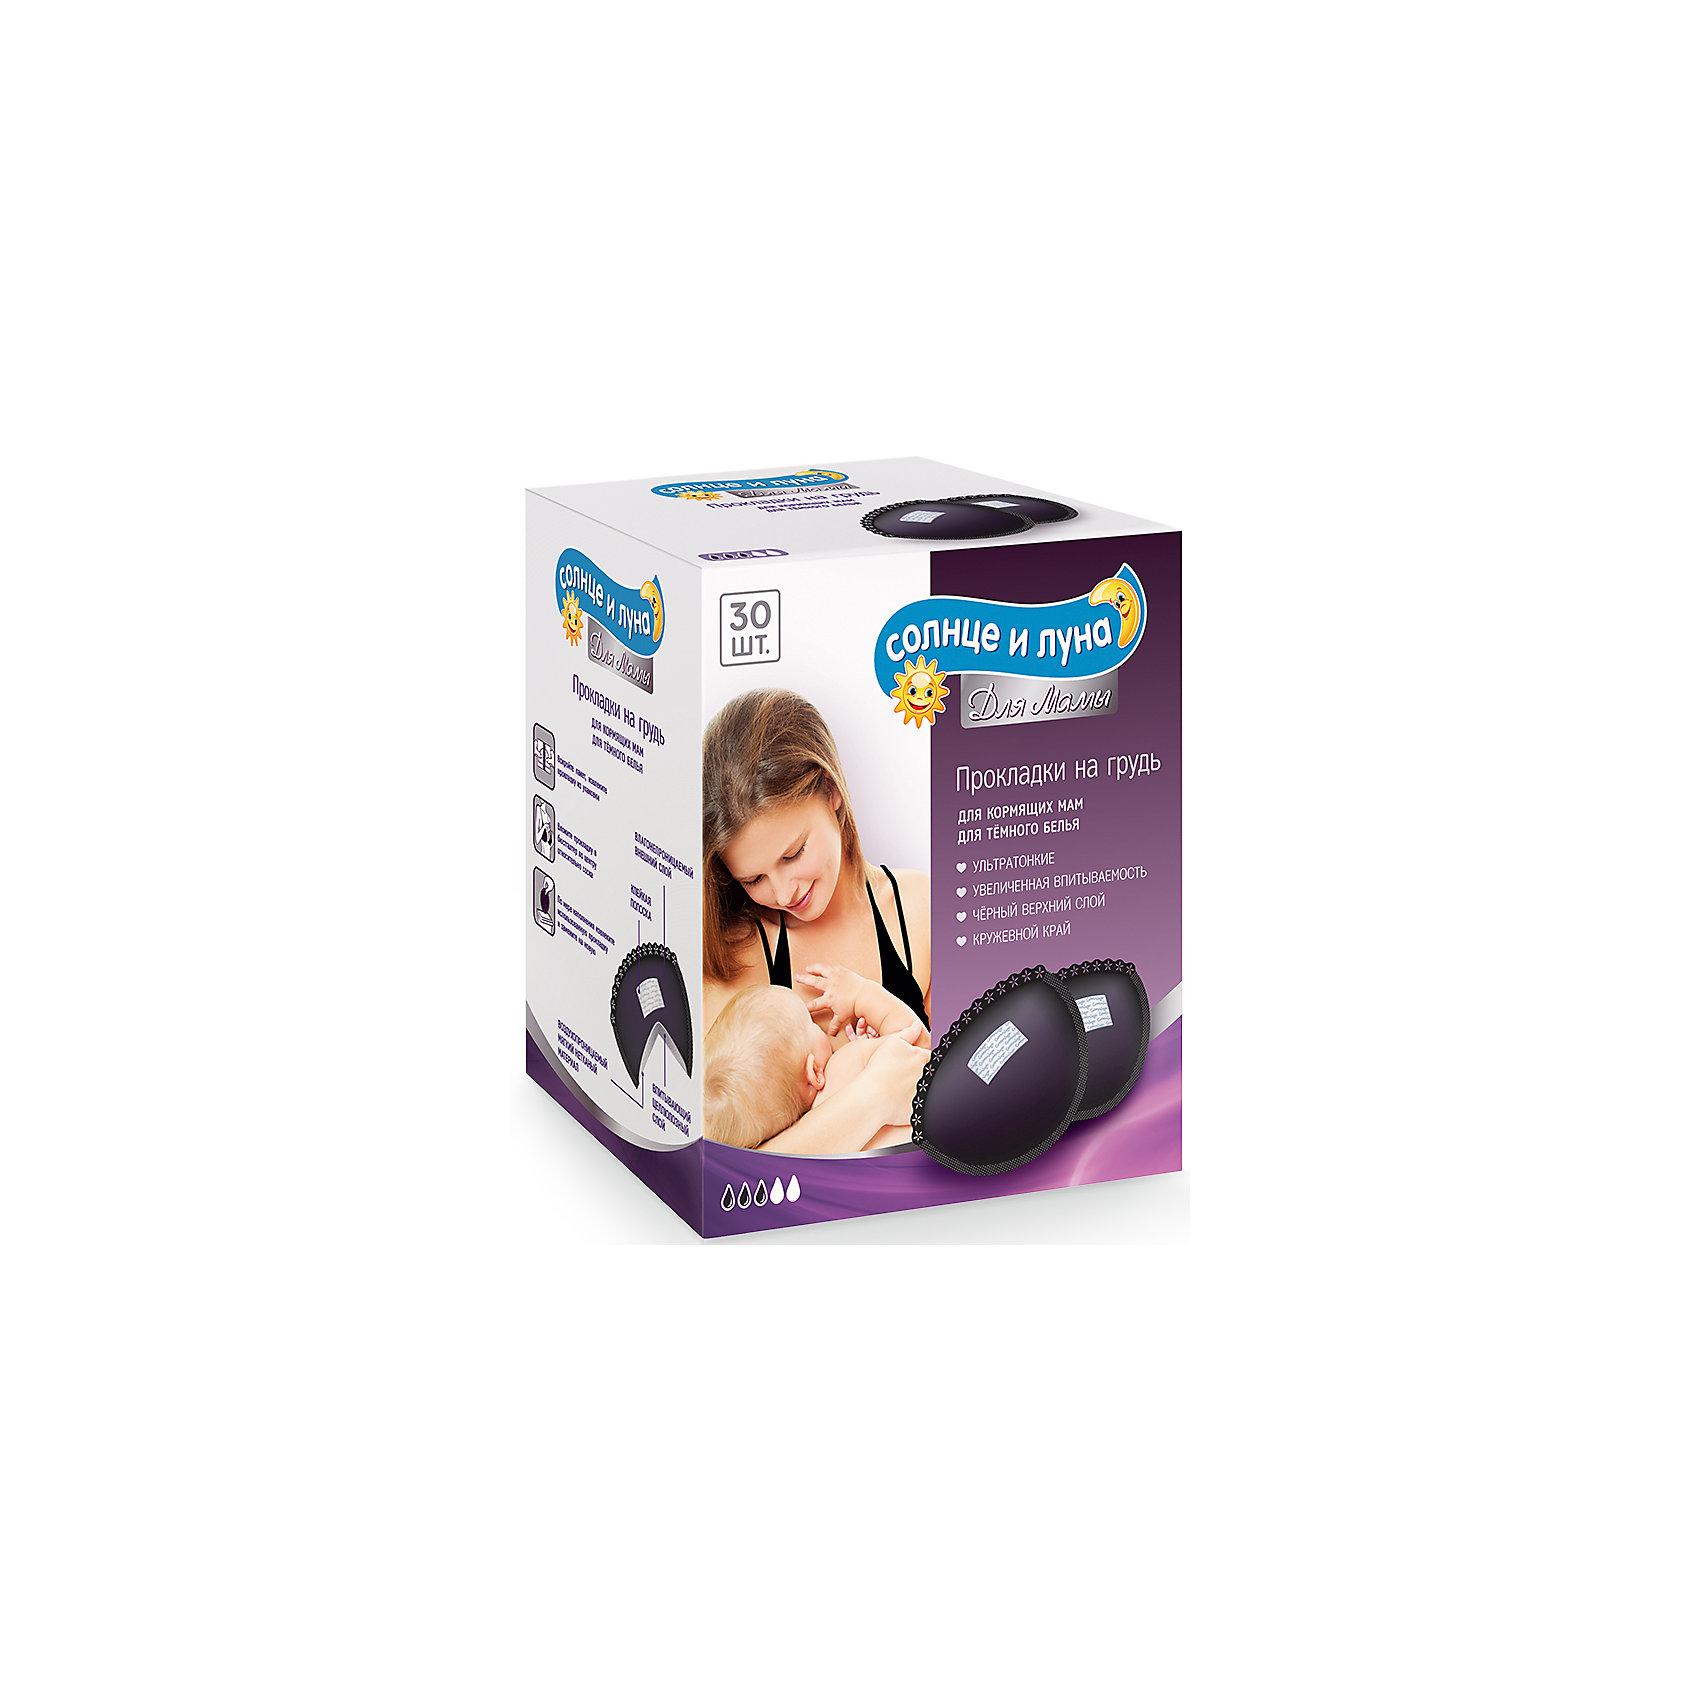 Прокладки на грудь для кормящих мам, 30шт., Солнце и ЛунаНакладки на грудь<br>Прокладки на грудь для кормящих мам, 30шт., Солнце и Луна<br><br>Характеристики:<br><br>• подходят для темного белья<br>• дышащий слой позволяет коже дышать<br>• быстро впитывают влагу <br>• не протекают<br>• надежная клейкая полоска<br>• многослойная структура<br>• не заметны под бельем<br>• количество: 30 шт.<br>• вес: 160 грамм<br><br>Прокладки необходимы для гигиены груди во время грудного вскармливания. Они быстро впитывают влагу, не протекают и не вызывают раздражения. Дышащий слой обеспечивает коже доступ к кислороду. Прокладки крепятся к бюстгальтеру с помощью клейкой полоски. Прокладки не заметны под бельем и удобны в использовании. Подходят для темного белья.<br><br>Прокладки на грудь для кормящих мам, 30шт., Солнце и Луна вы можете купить в нашем интернет-магазине.<br><br>Ширина мм: 65<br>Глубина мм: 44<br>Высота мм: 30<br>Вес г: 160<br>Возраст от месяцев: 18<br>Возраст до месяцев: 600<br>Пол: Женский<br>Возраст: Детский<br>SKU: 5523107